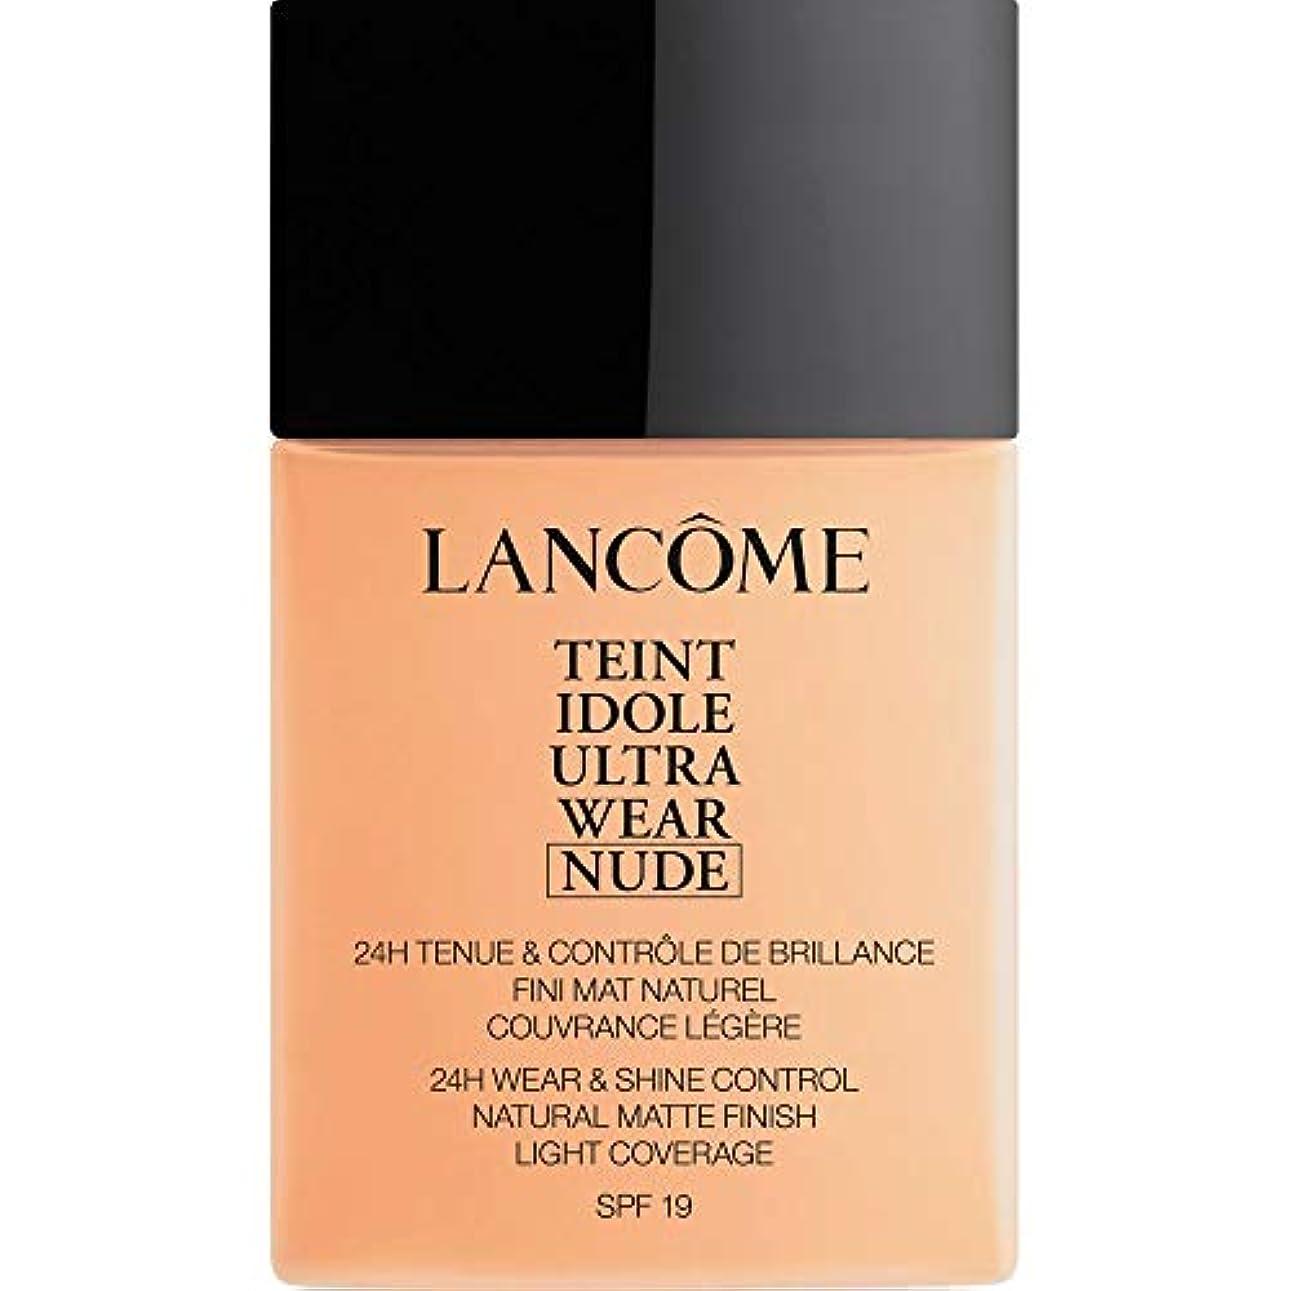 便利さ血統強い[Lanc?me ] ランコムTeintのIdole超ヌード財団Spf19の40ミリリットル024を着る - ベージュヴァニラを - Lancome Teint Idole Ultra Wear Nude Foundation...